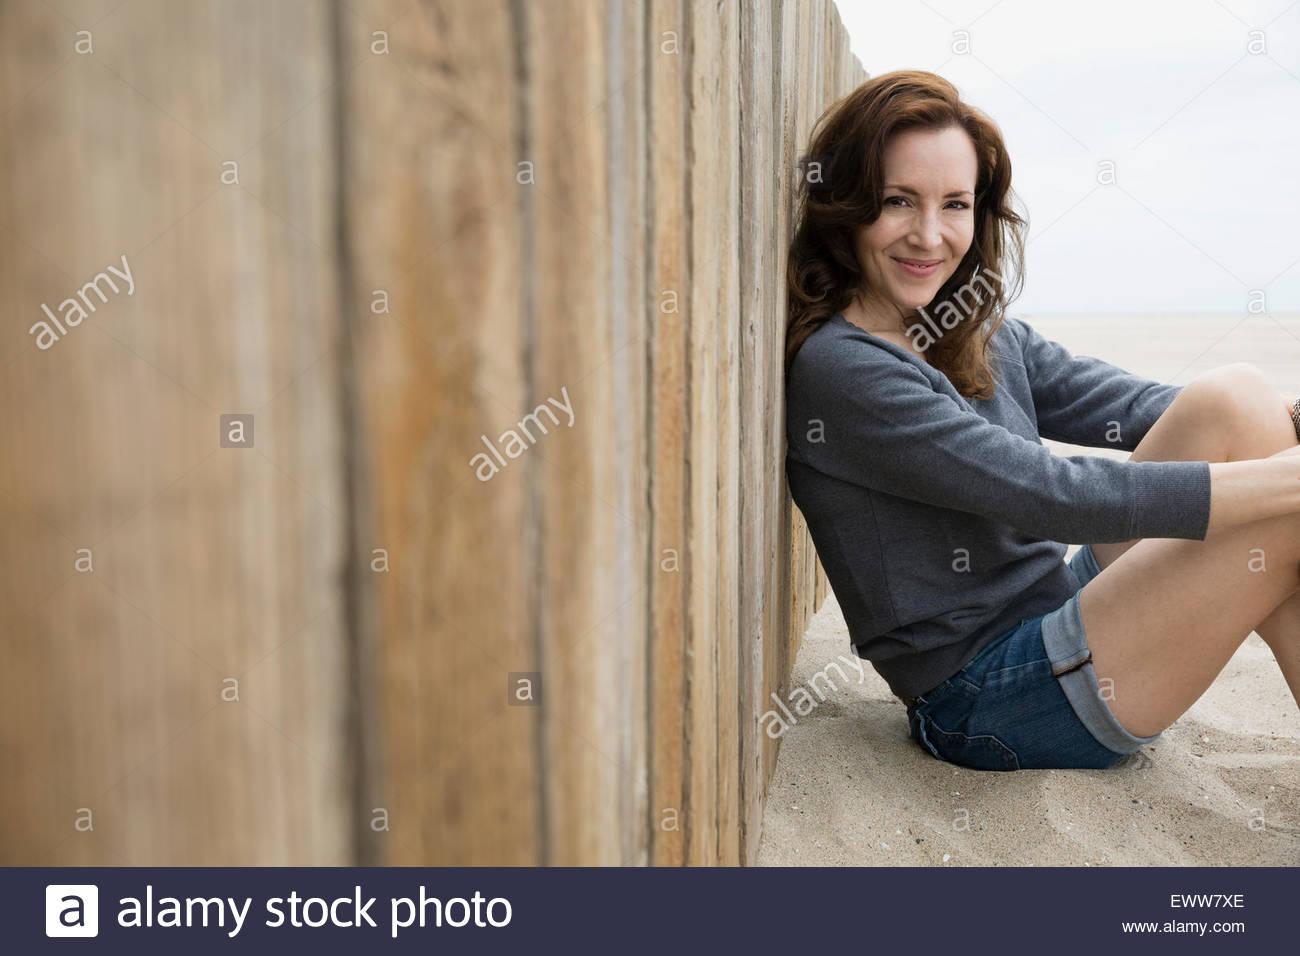 Ritratto sorridente brunette donna seduta a parete in spiaggia Immagini Stock